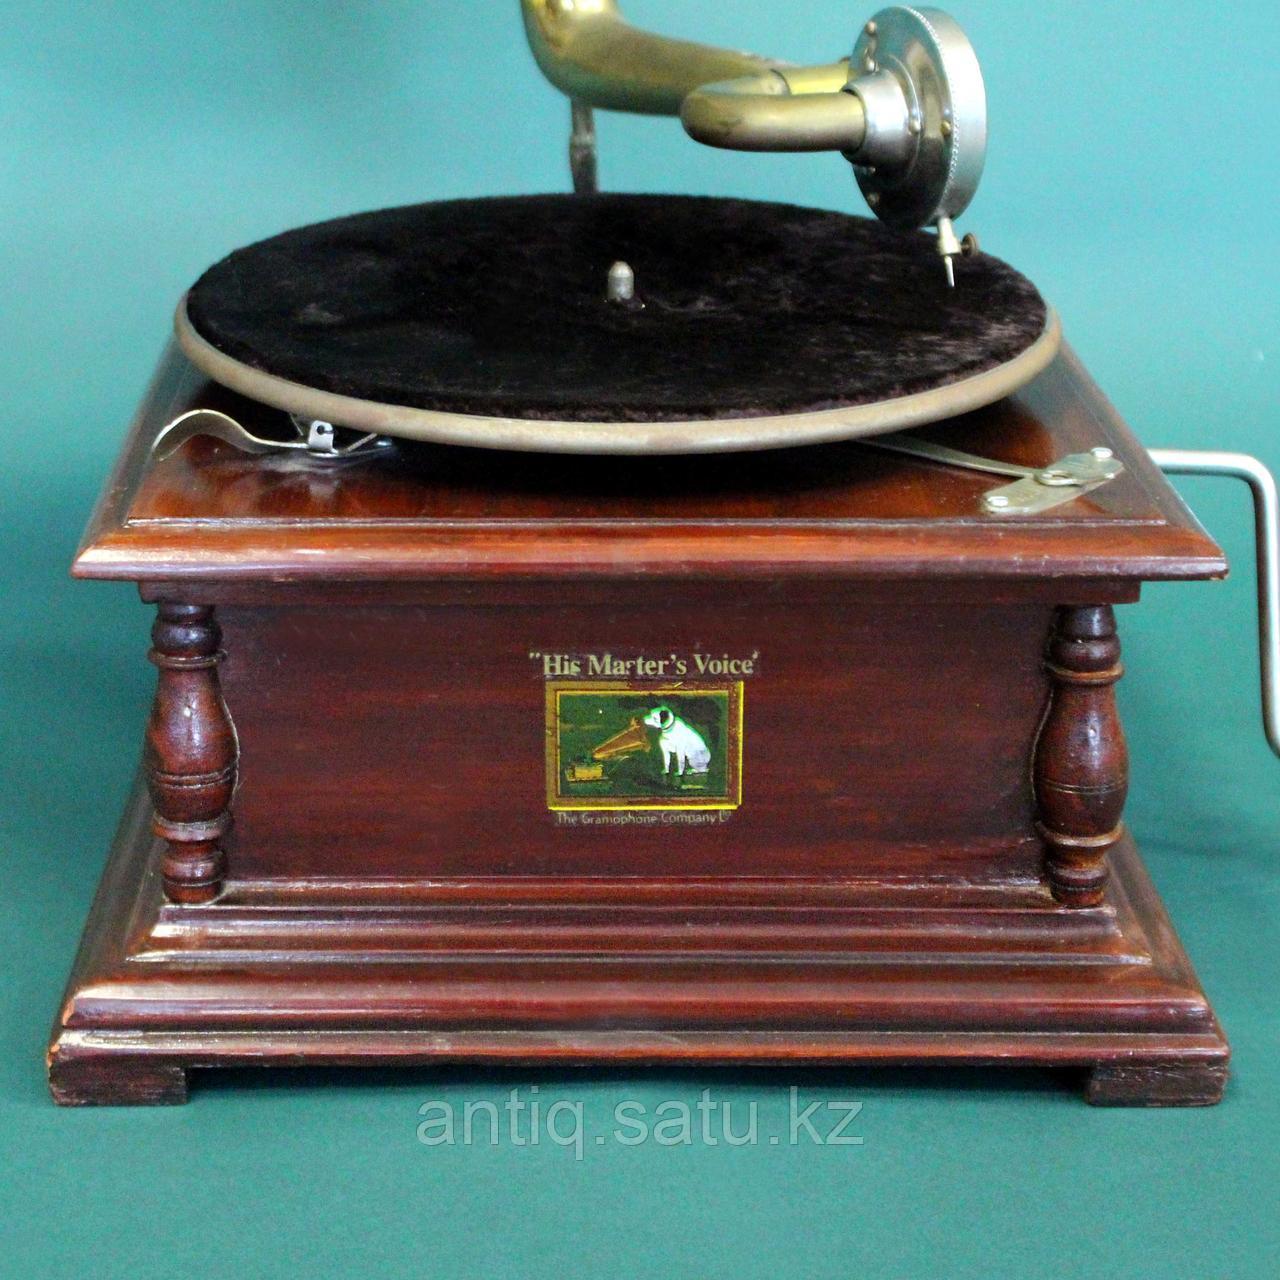 Граммофон. Victor His Masters Voice. 5 старинных пластинок в подарок покупателю. - фото 4